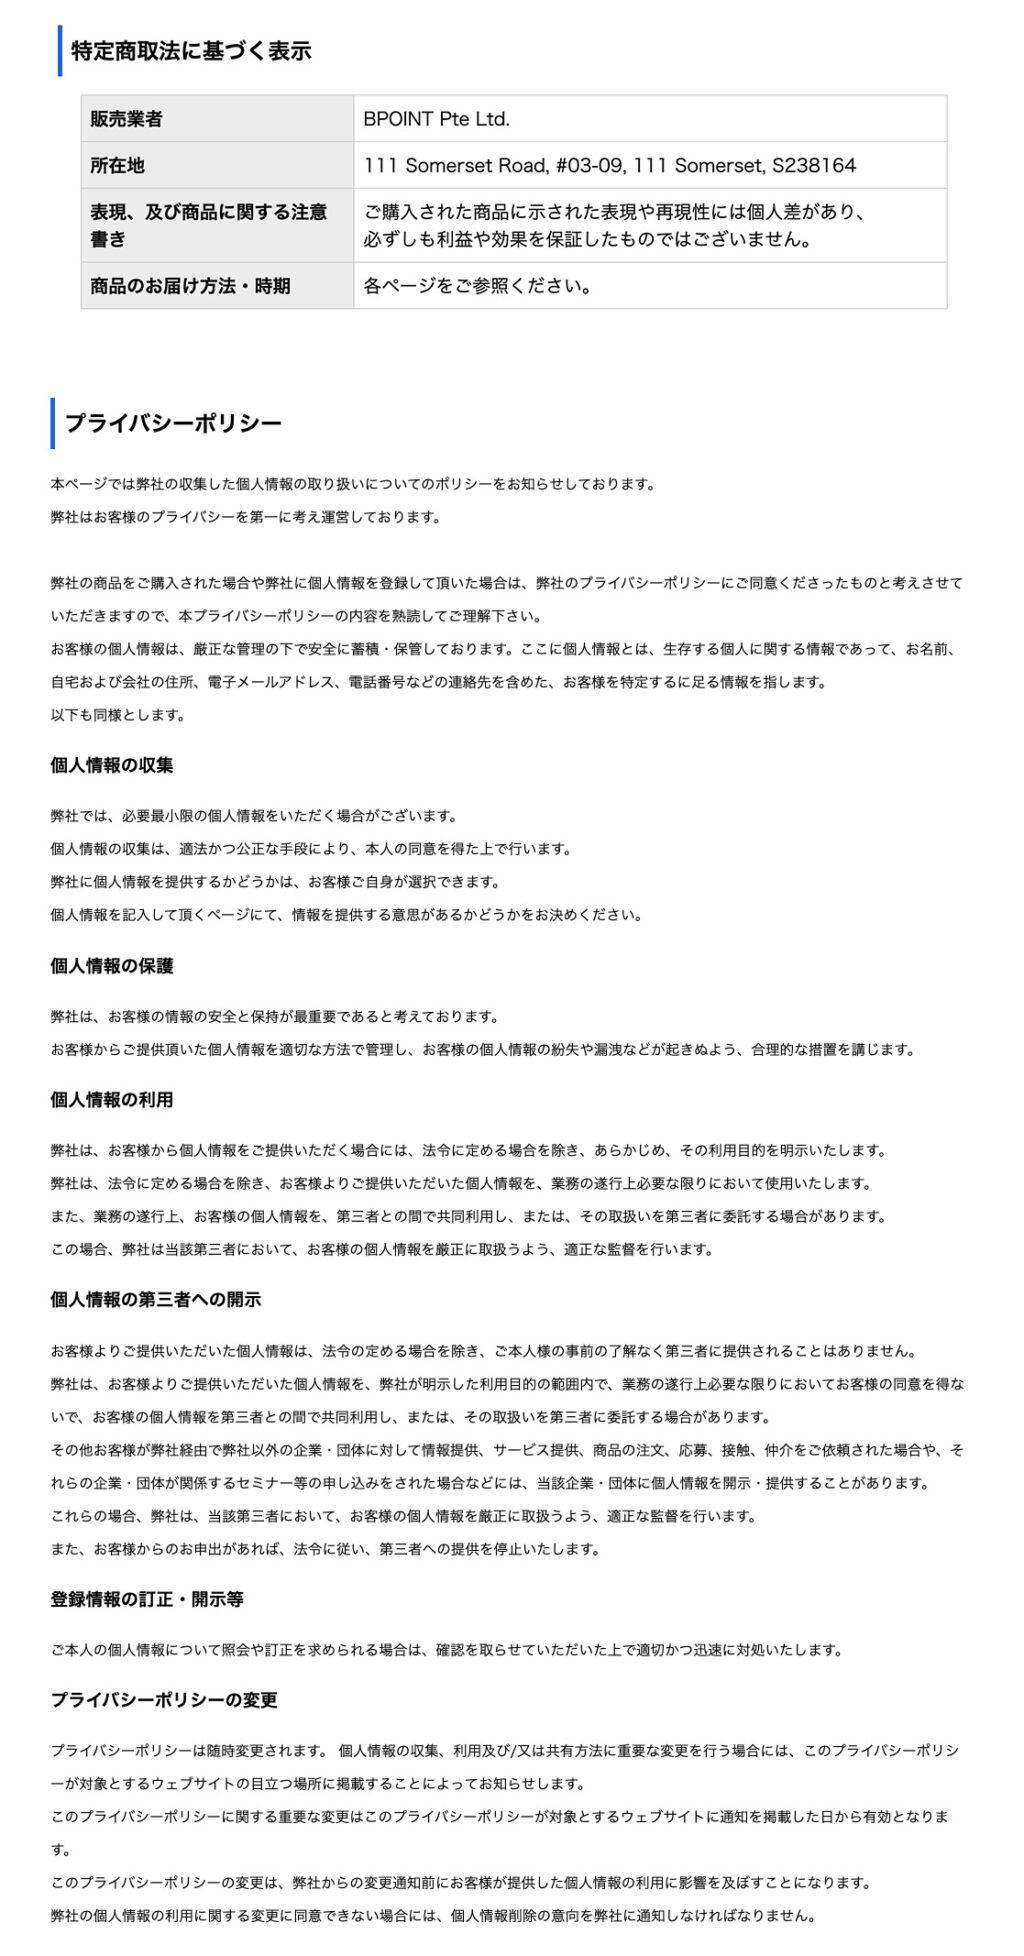 ハチプラ(HACHI PLUS)大谷健 特定商取引に基づく表記